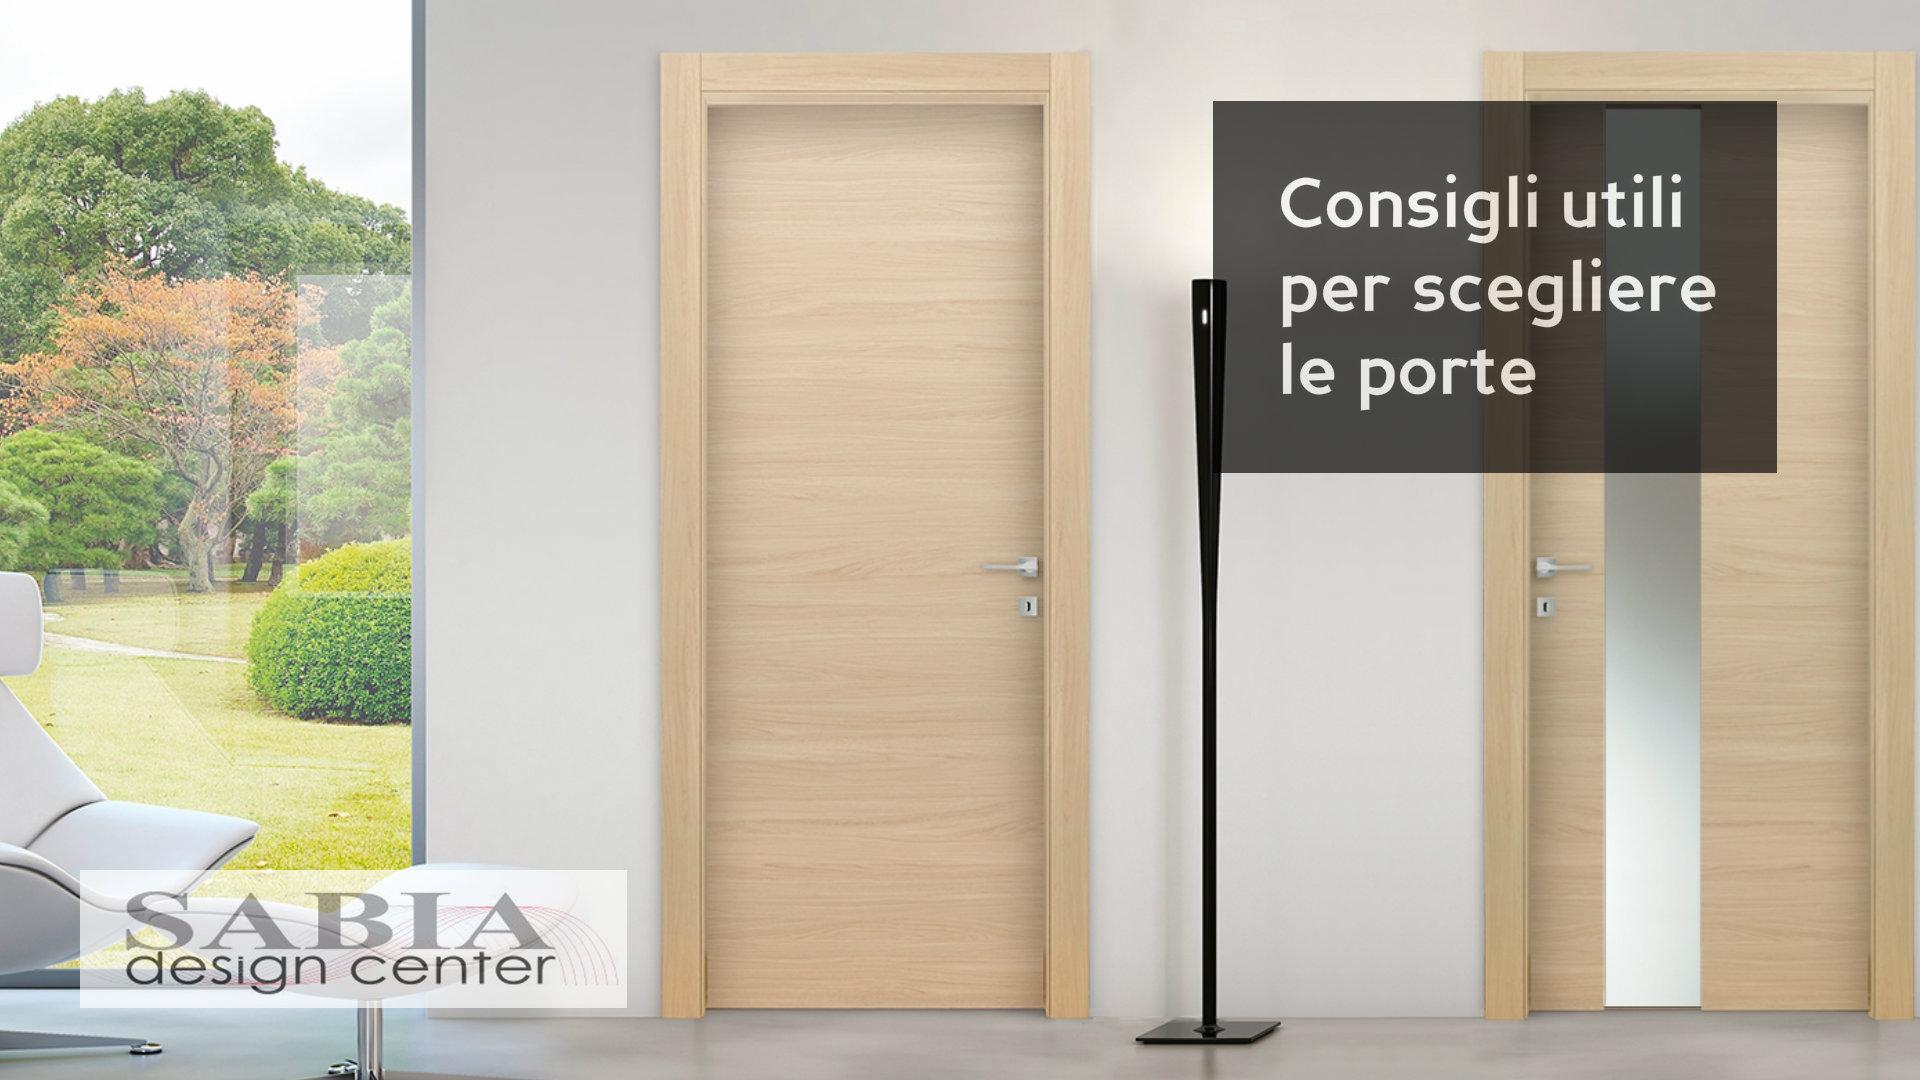 Come scegliere le porte di casa: idee e consigli utili - Sabia ...